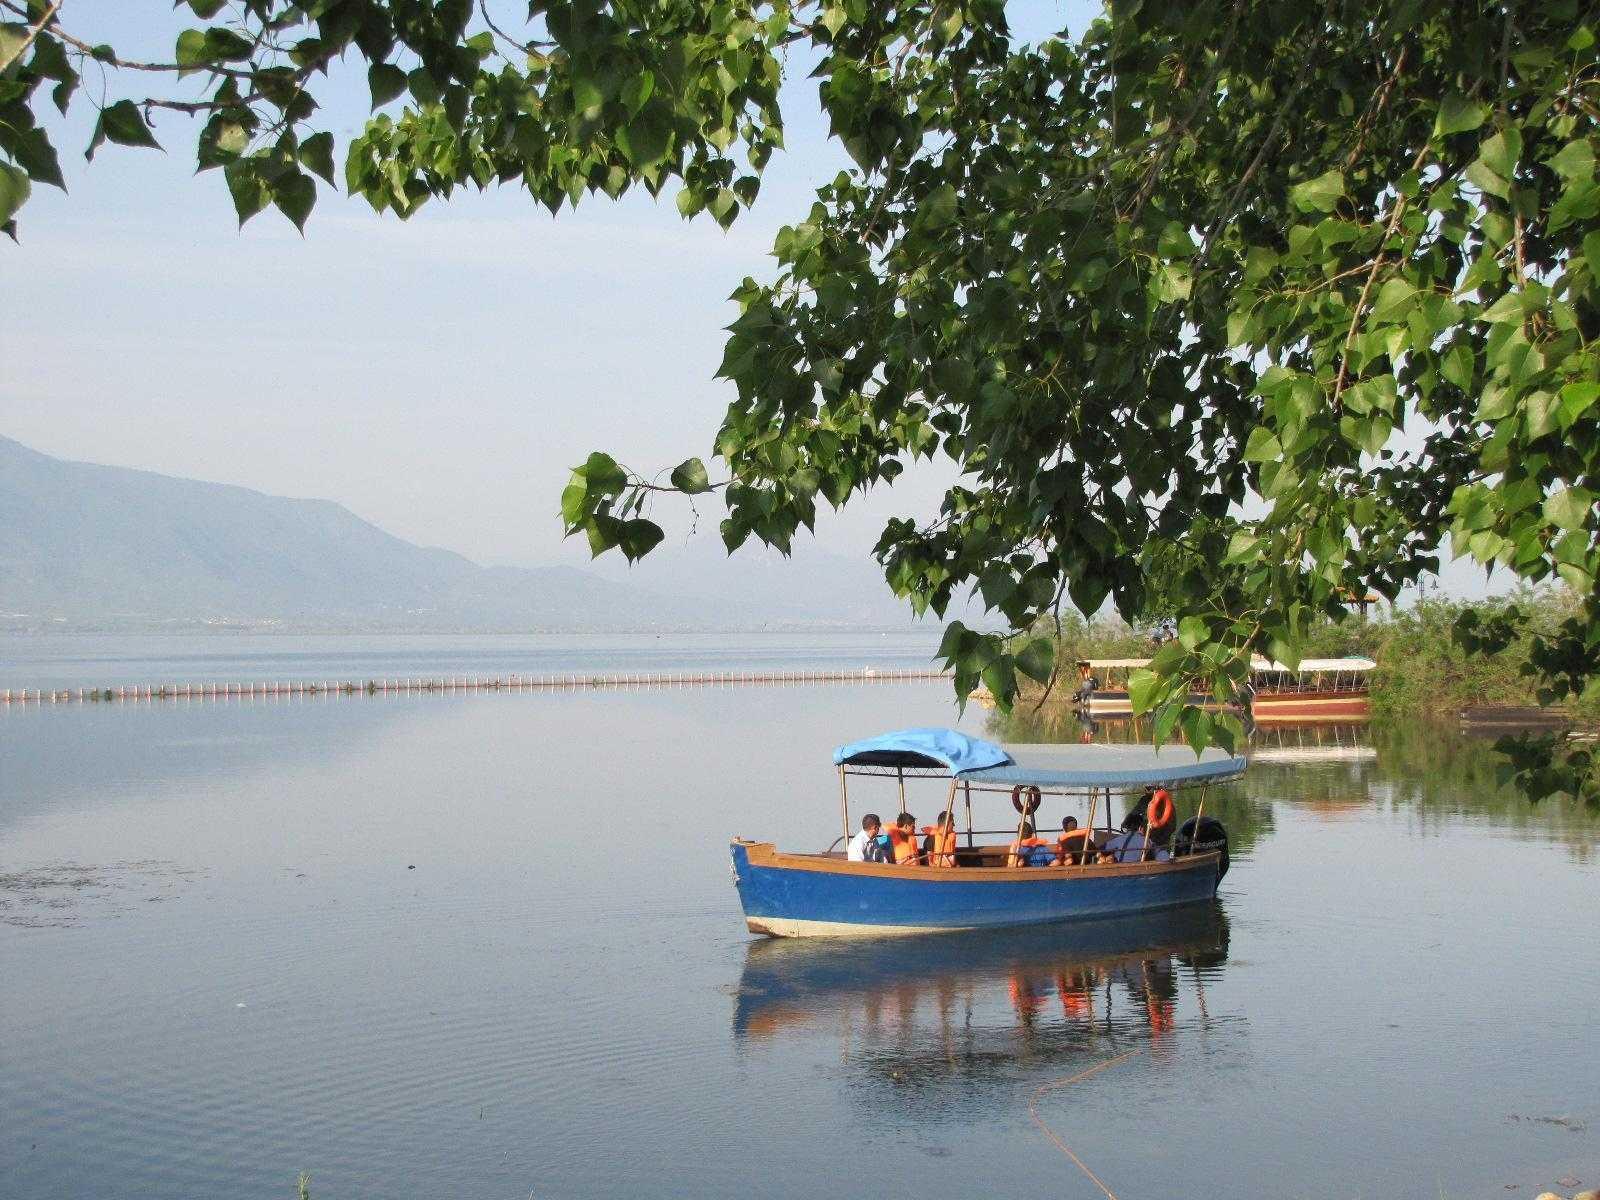 Ποδηλασία στη λίμνη Κερκίνης (by itavros nature activities)